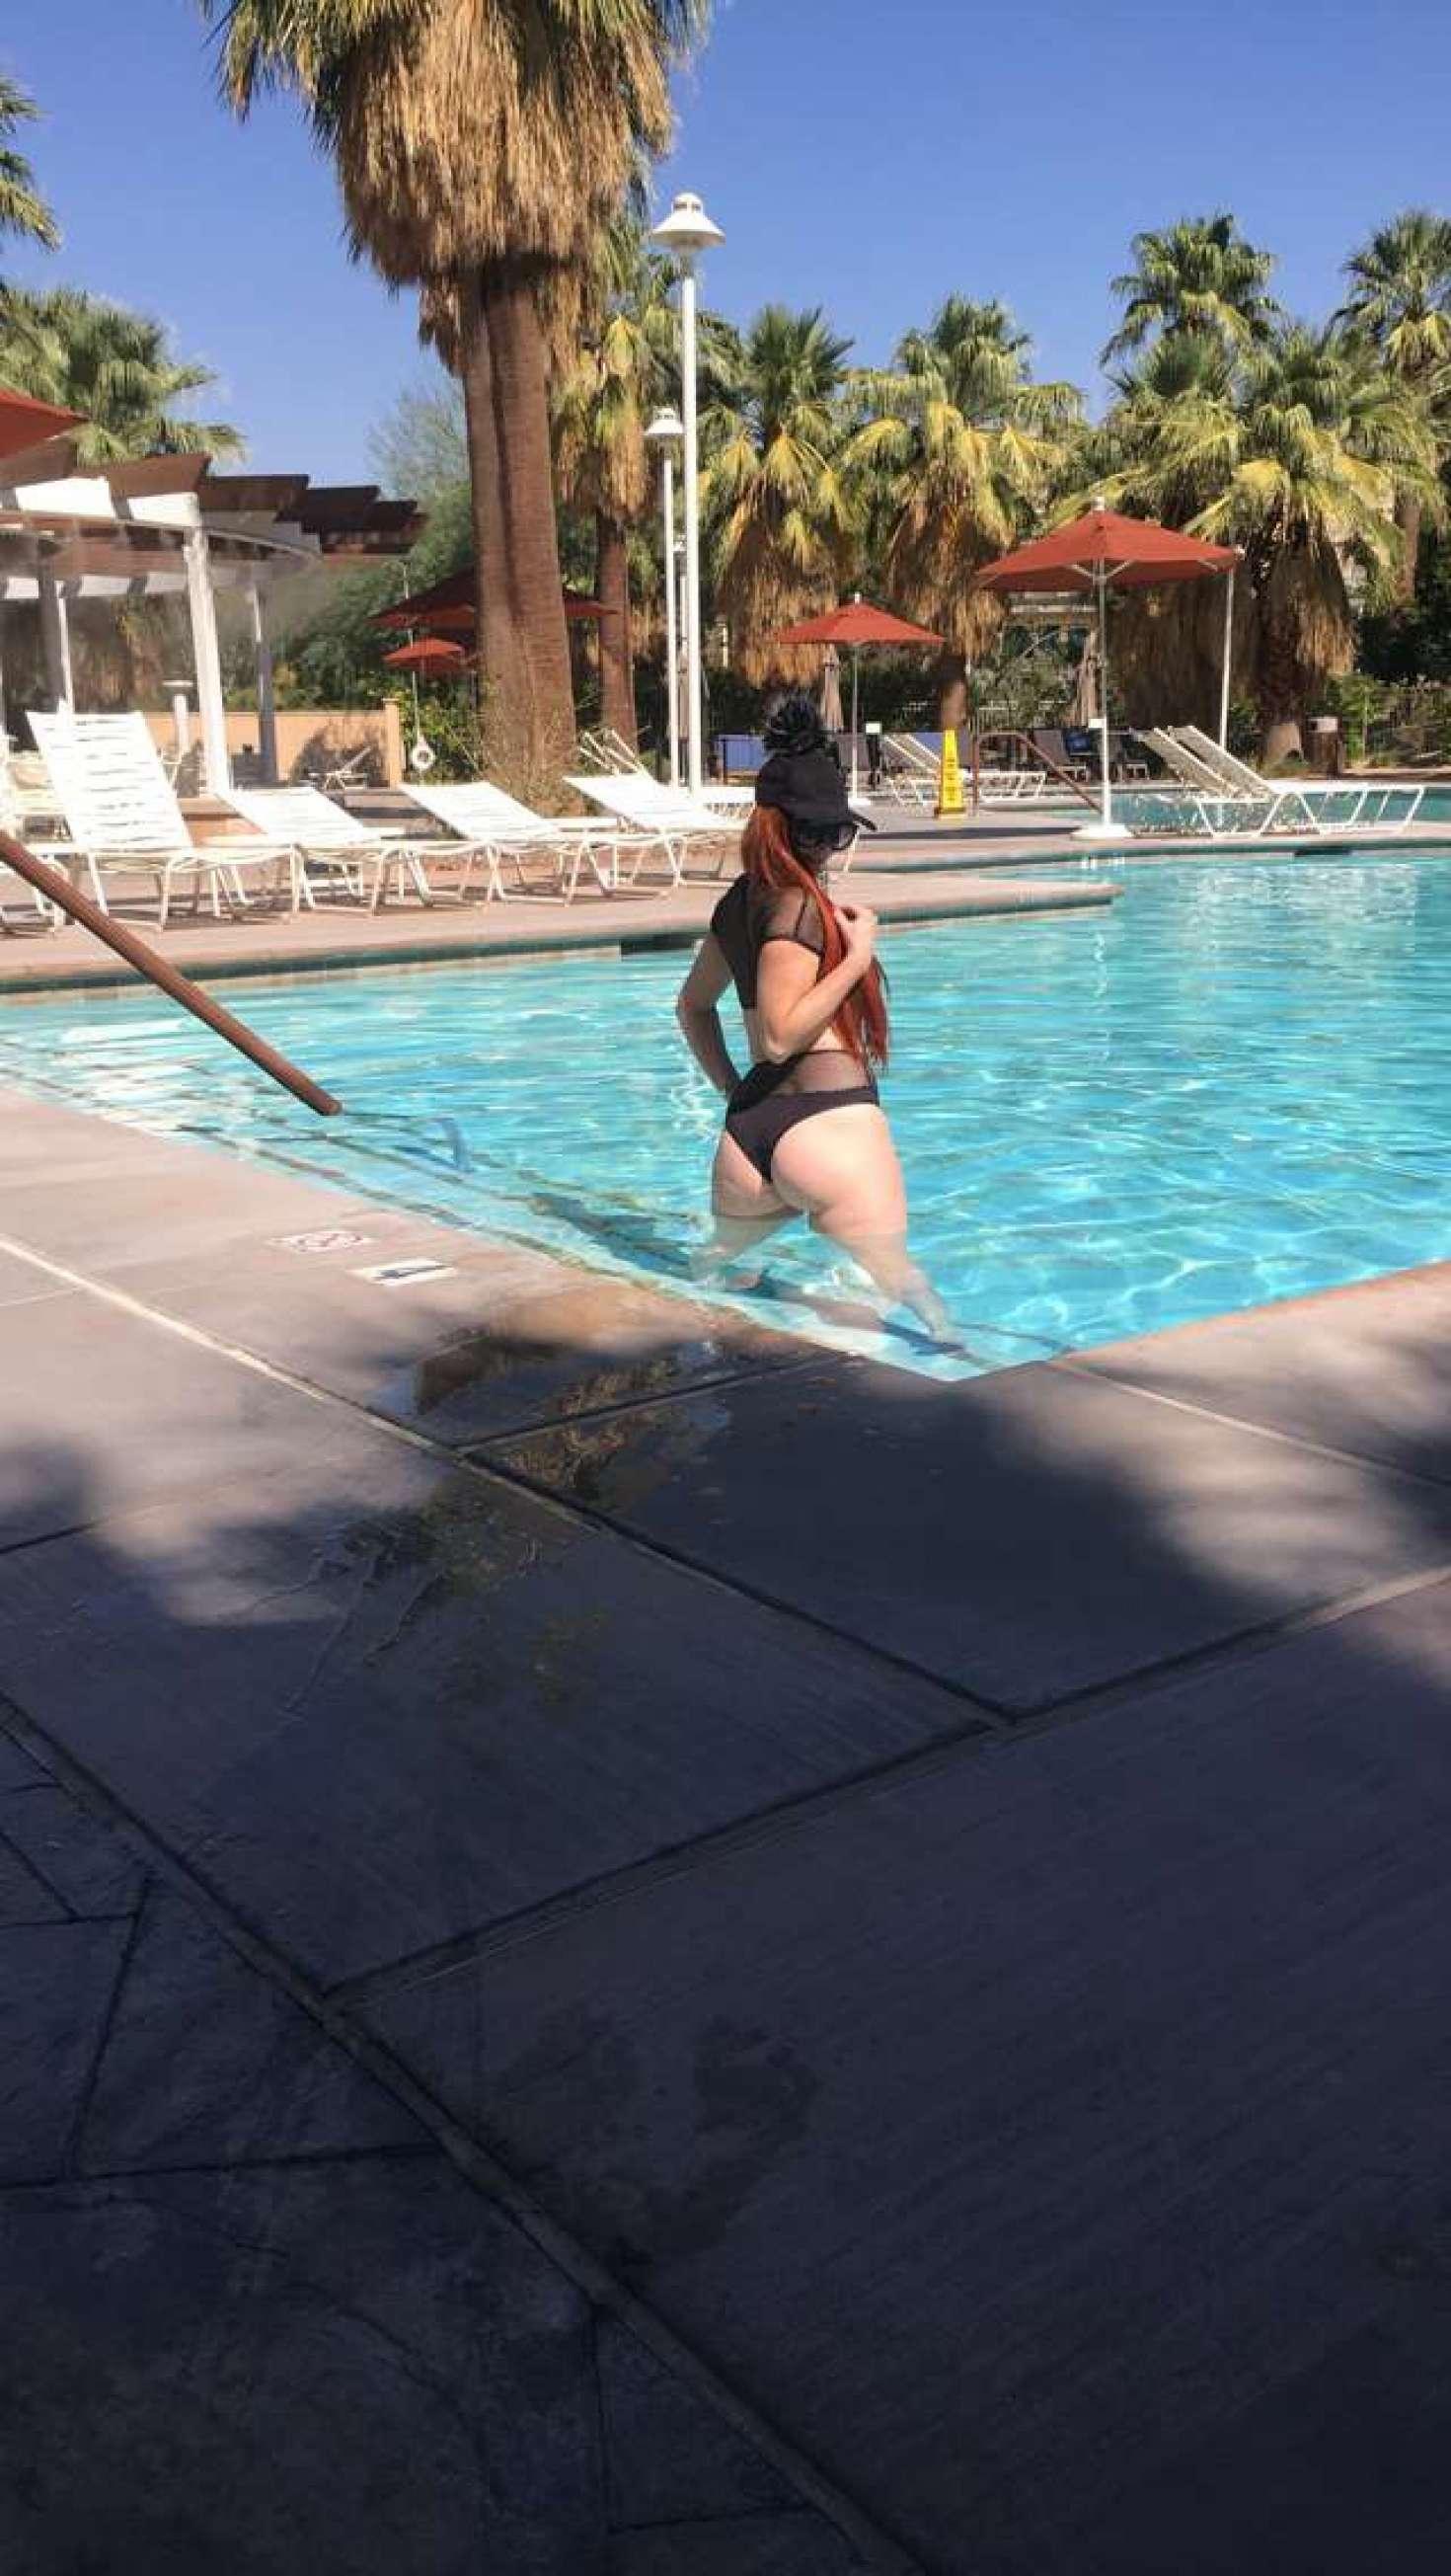 Sophia Vegas 2017 : Sophia Vegas and Phoebe Price: In Bikini poses at the pool in Palm Springs-10